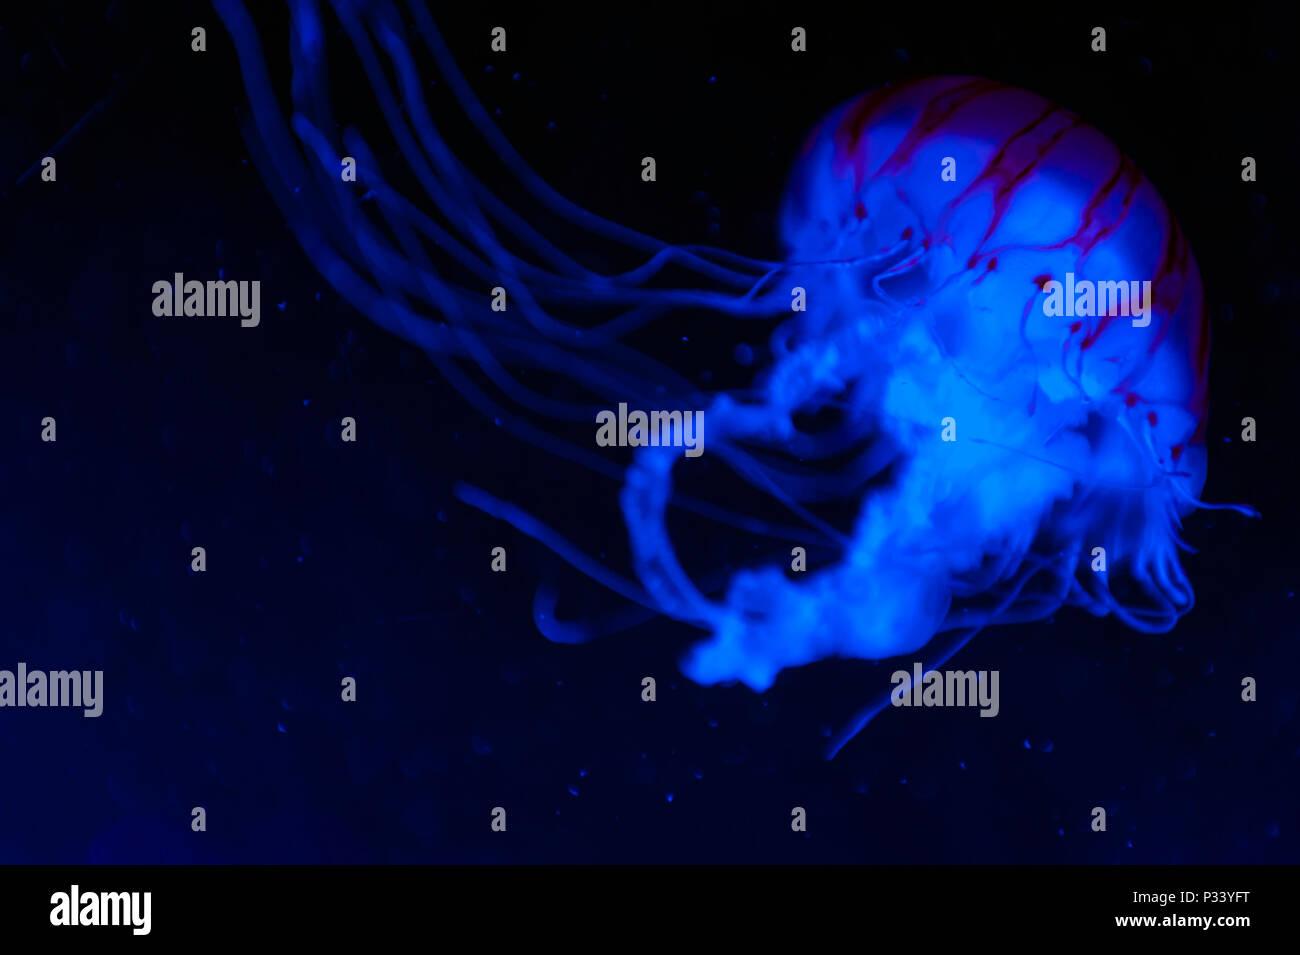 La porpora-striped medusa (Chrysaora colorata) una specie di meduse, mare ortica, medusa (Medusozoa), animali marini, crescendo sotto la luce nera Foto Stock